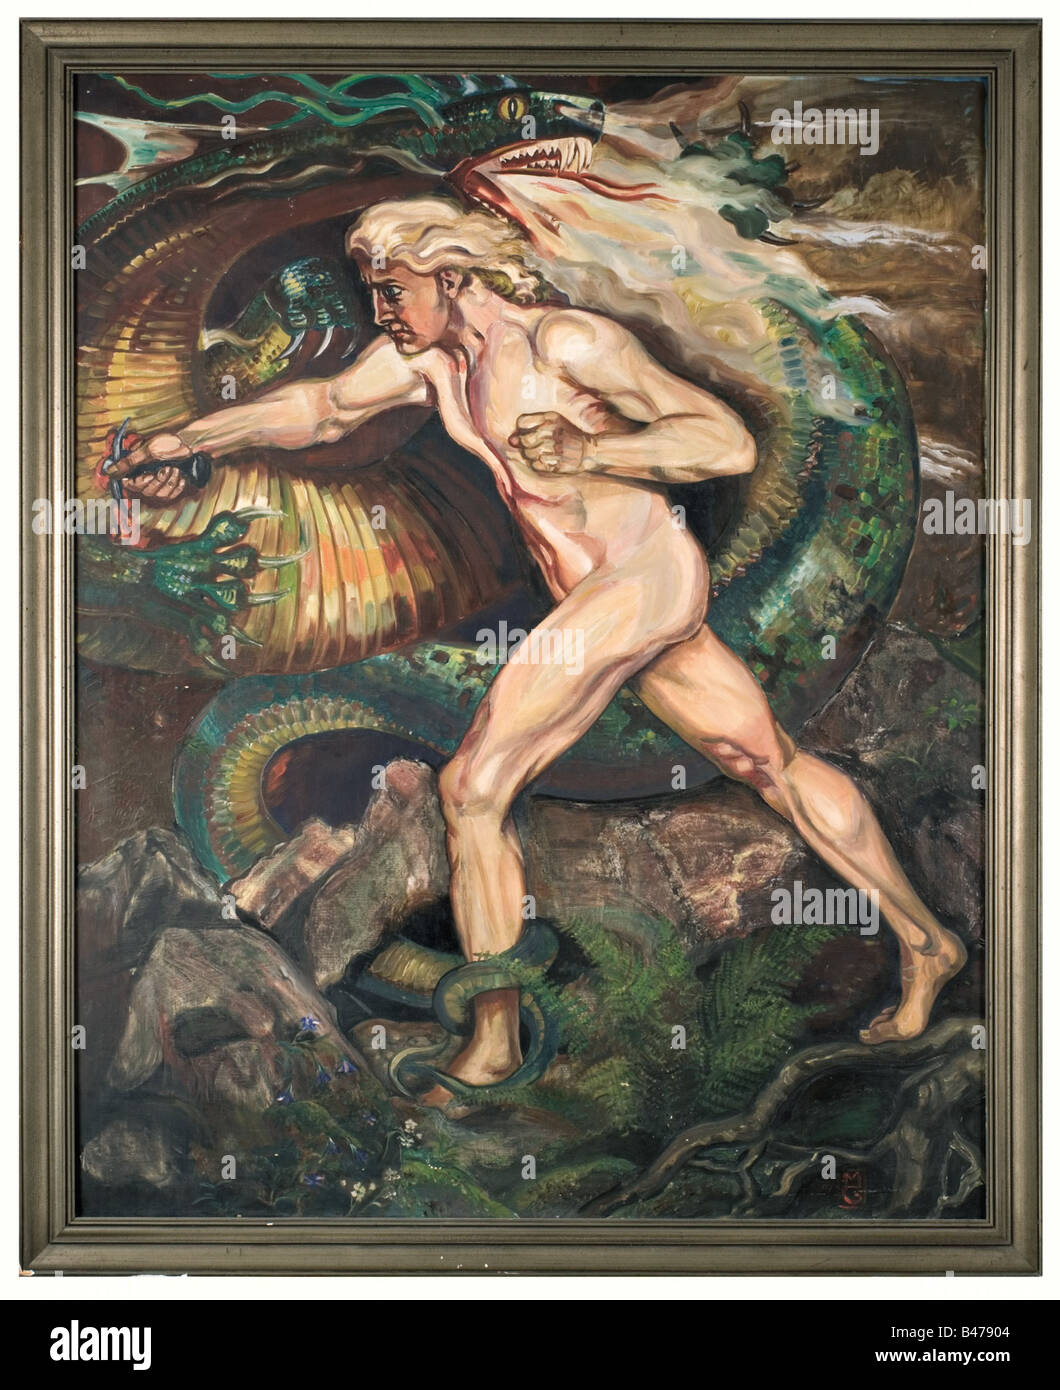 Mathias Guckenhan - Siegfried matando al dragón., pintura monumental. Óleo sobre lienzo, en el lado derecho Imagen De Stock